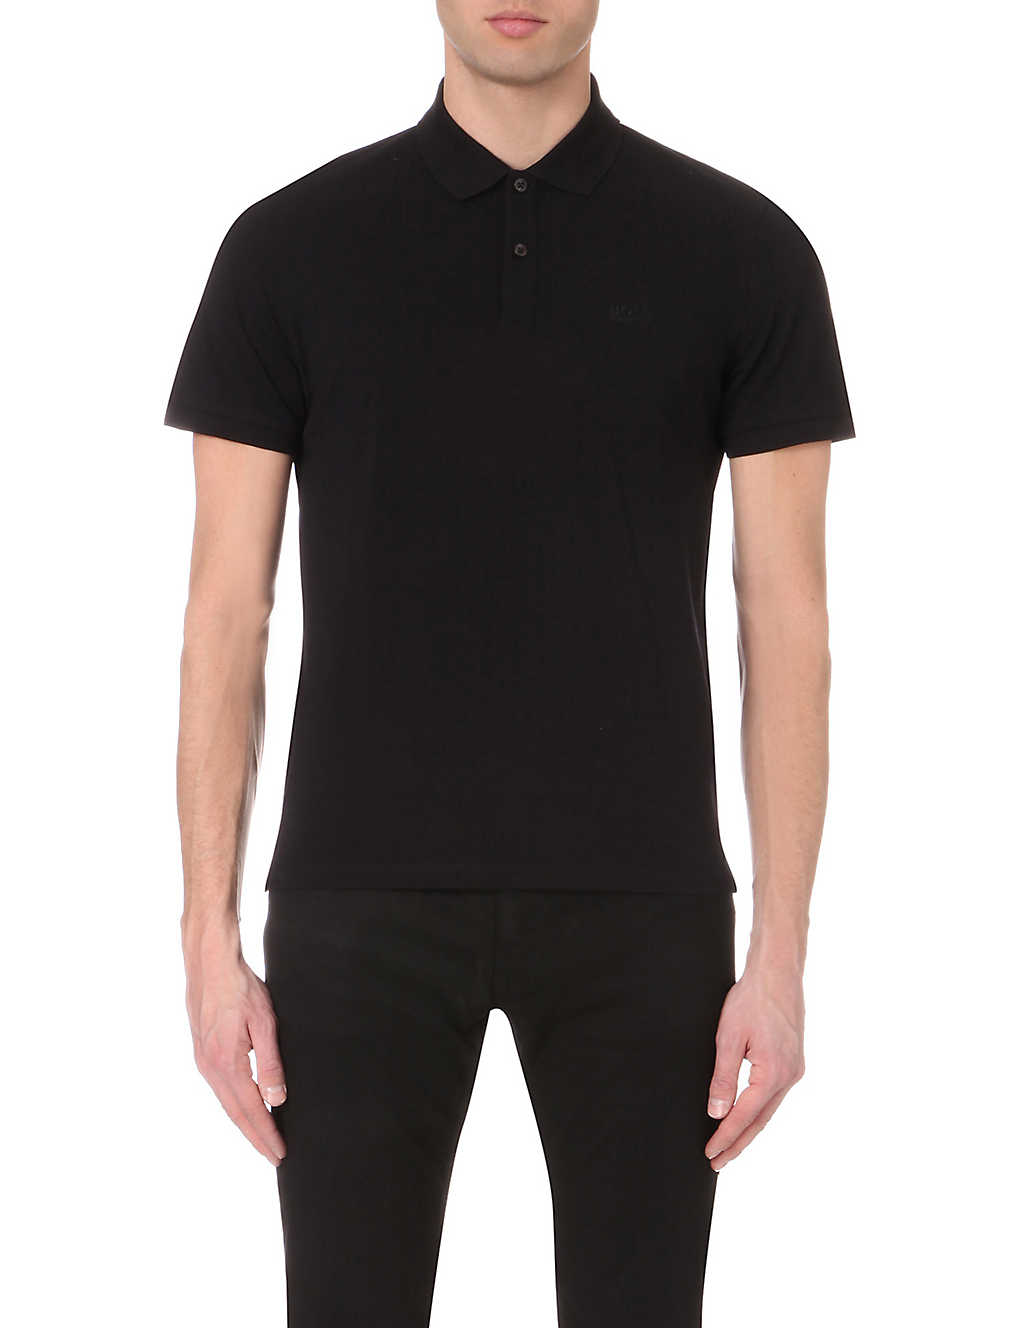 1bc90035 BOSS - Slim-fit cotton-piqué polo shirt | Selfridges.com